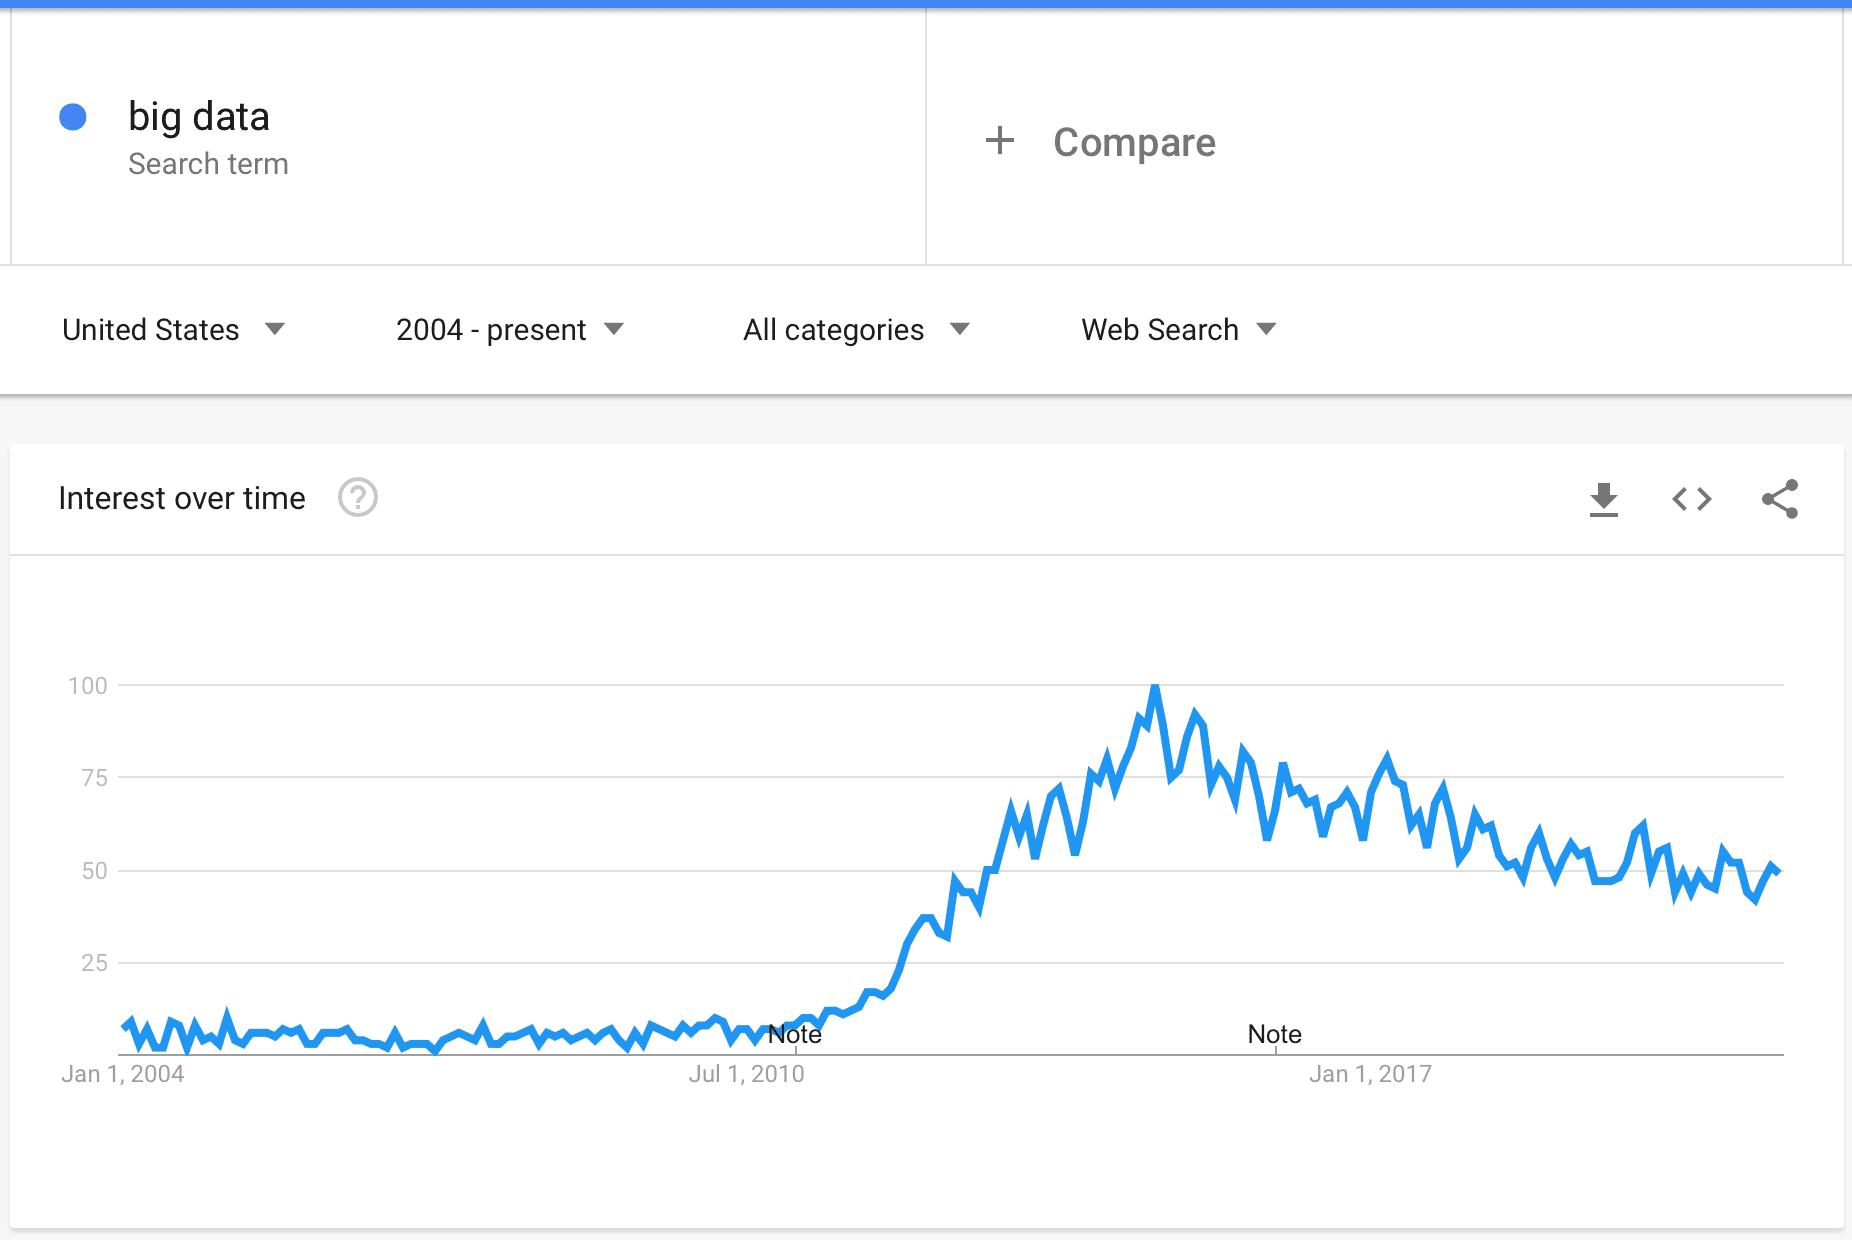 How Big Data is trending